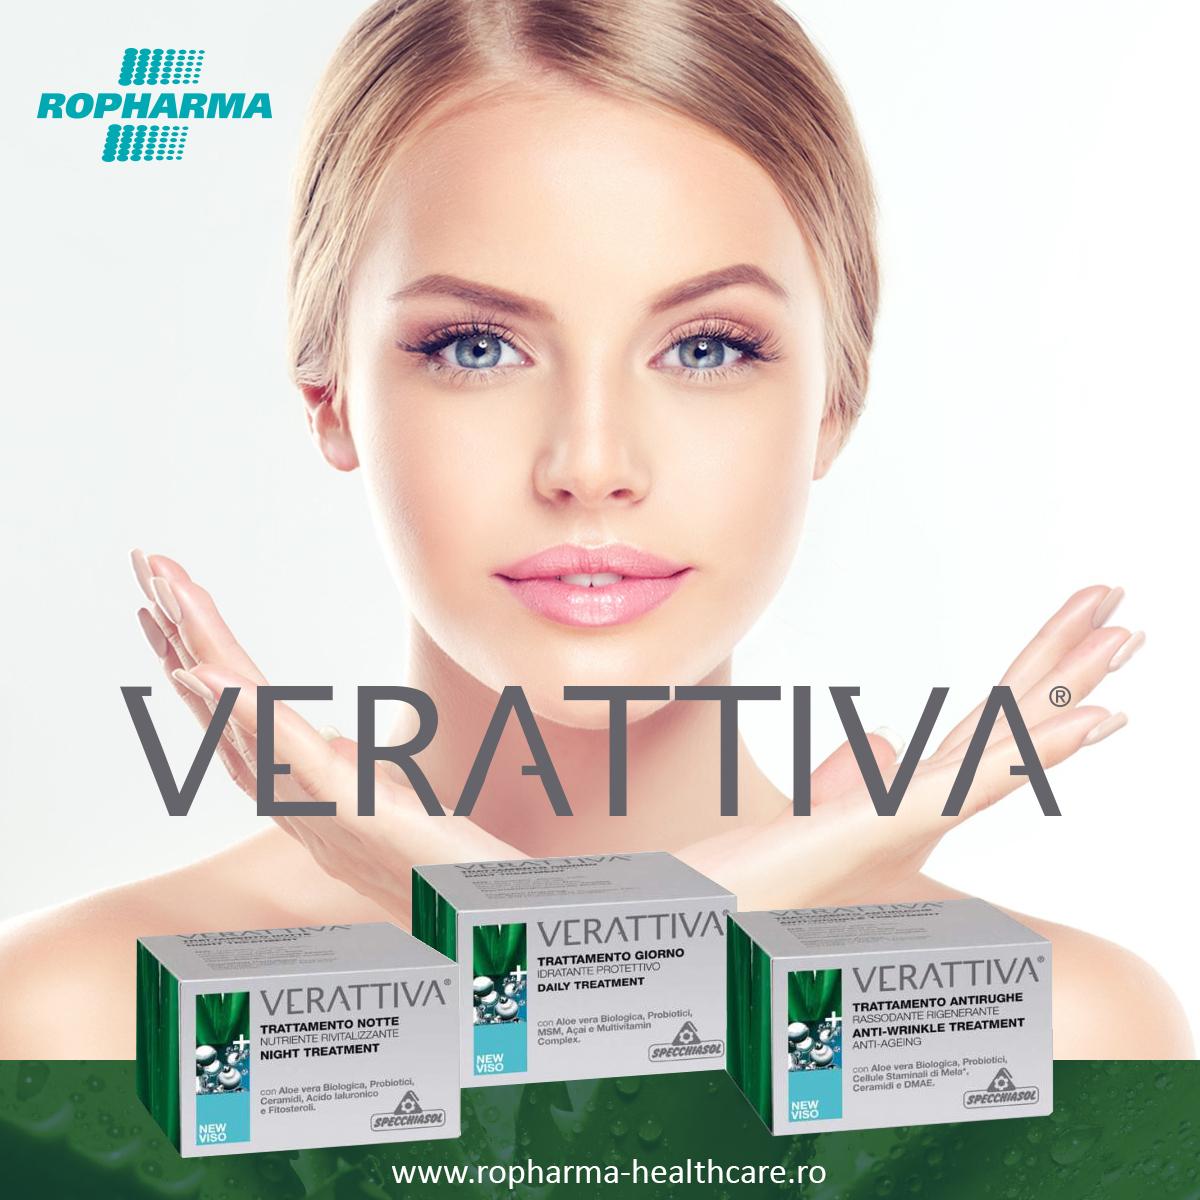 Ropharma a lansat în România gama de produse cosmetice italiene Verattiva!